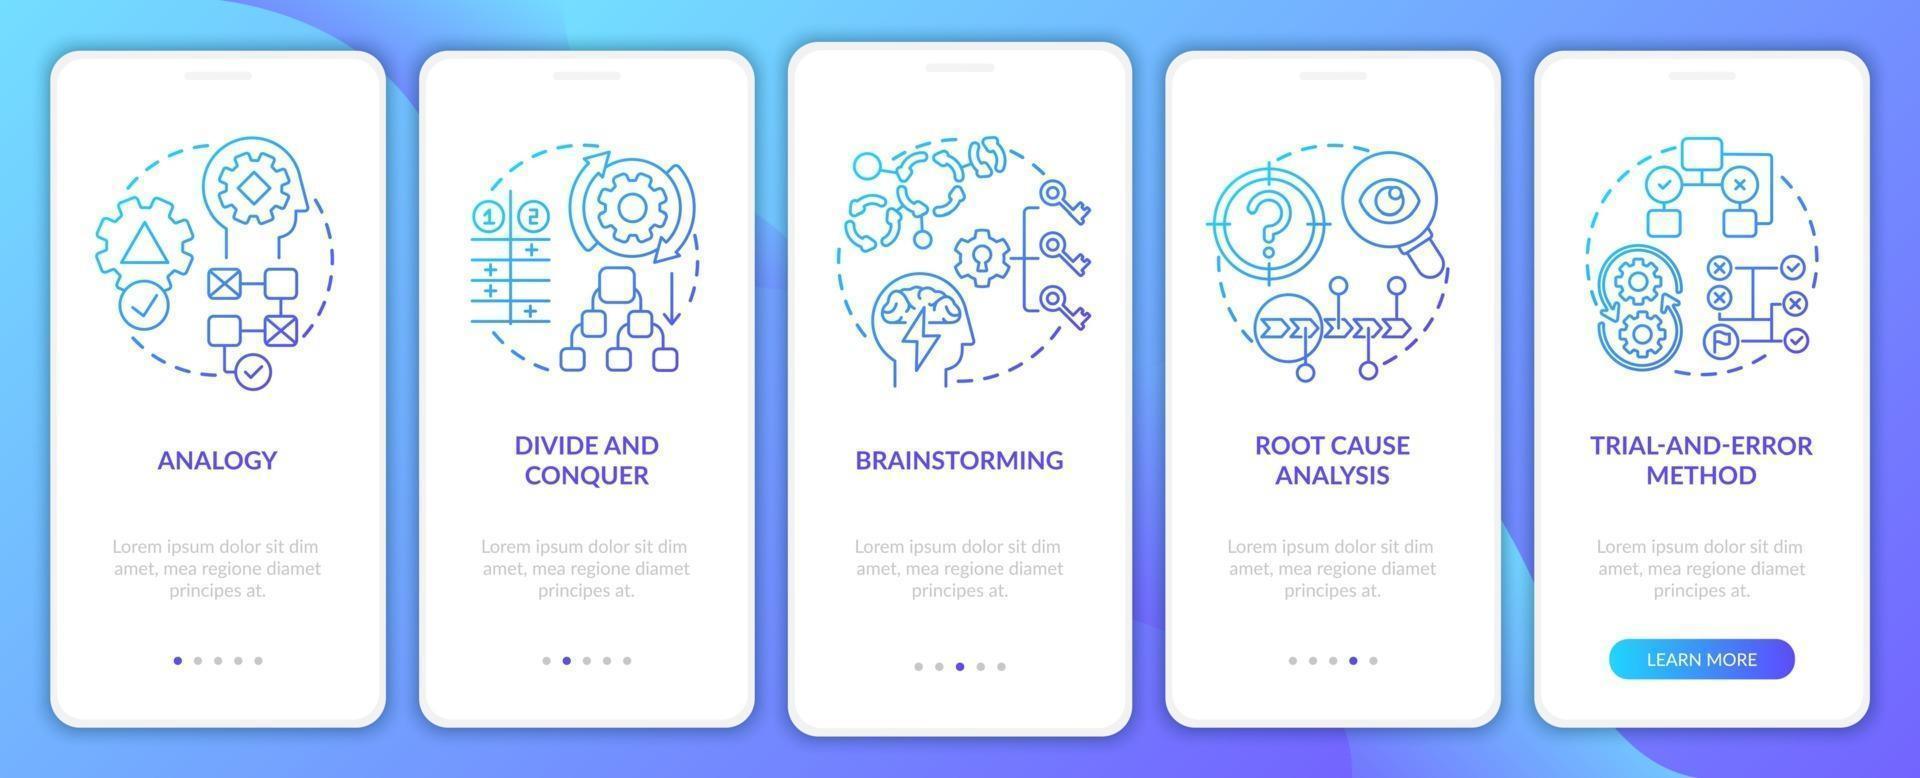 problemlösning strategier marin ombord mobil app sida skärm med koncept vektor